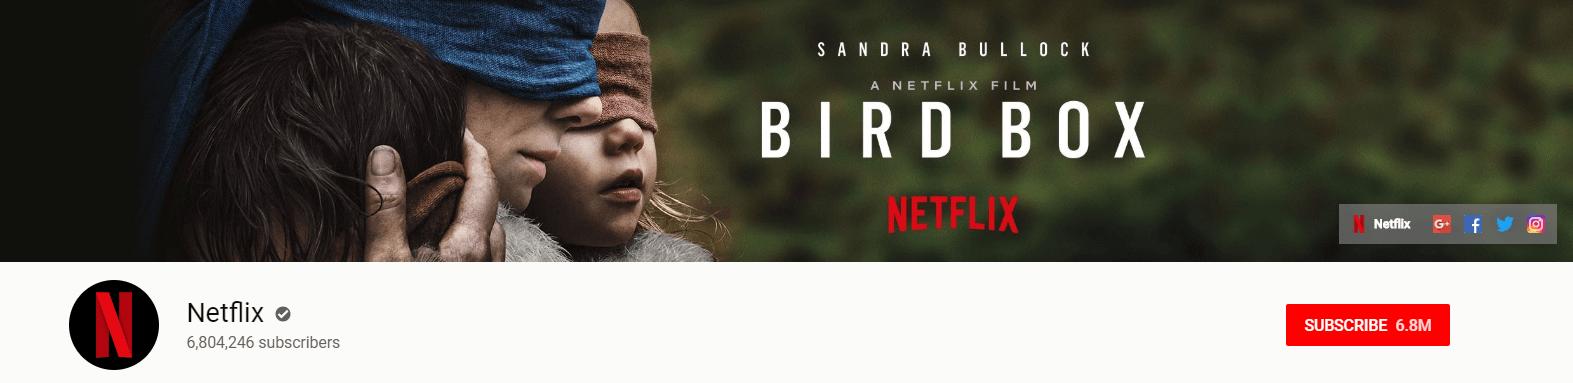 Netflix YouTube subscribers